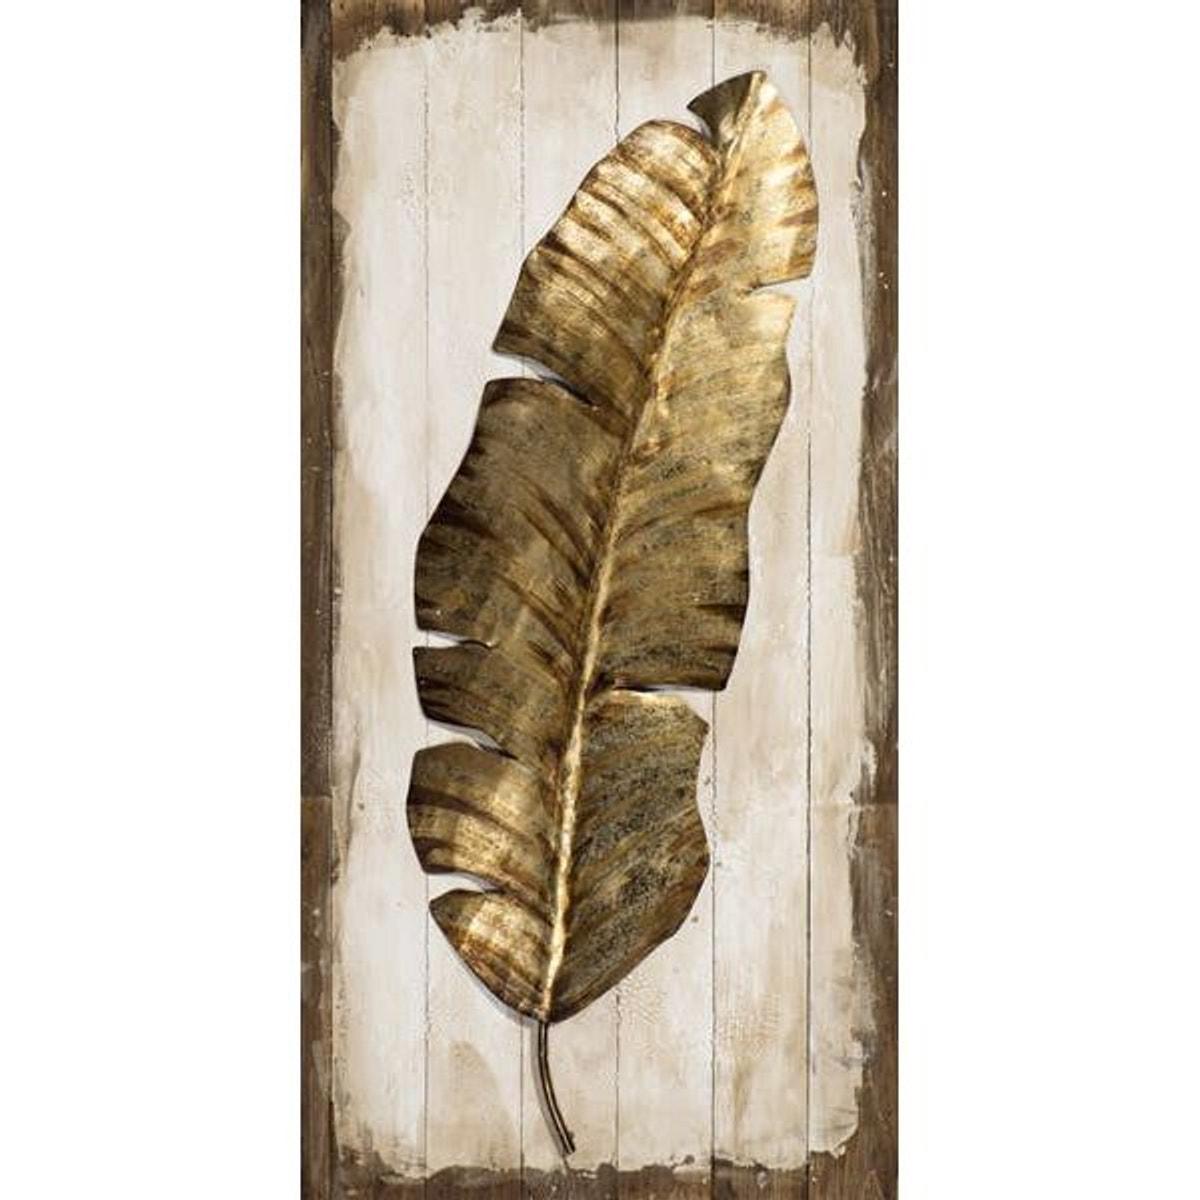 Tableau Plume Animal Tons Dorés Sur Fond Effet Planches Tons Beiges Et Marrons 50x100cm Taille Taille Tableau Plumes Peinture Marron Peinture Orientaliste